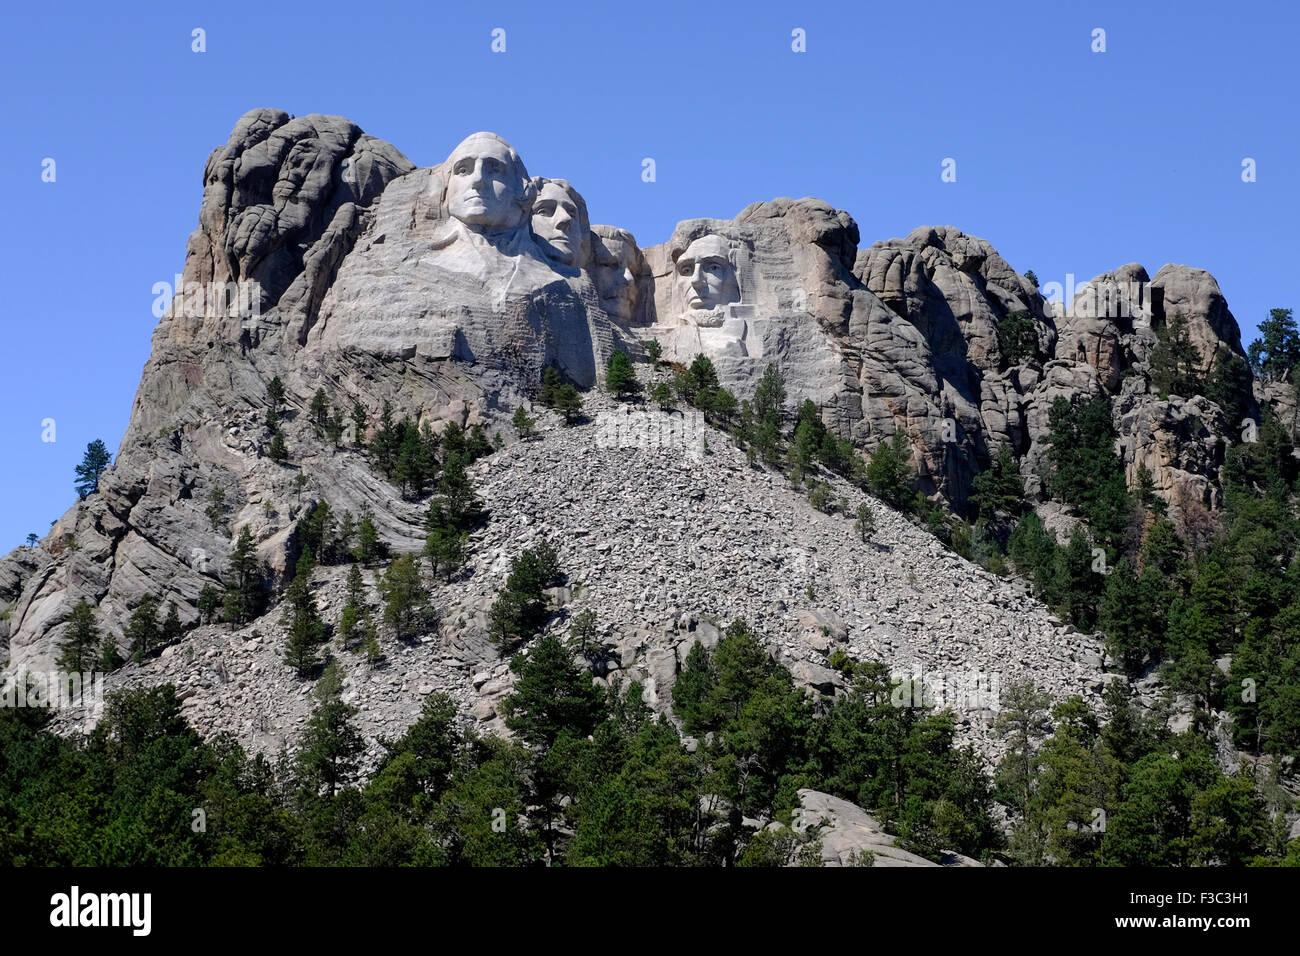 Il monte Rushmore Monumento Nazionale vicino a Keystone, Dakota del Sud Immagini Stock